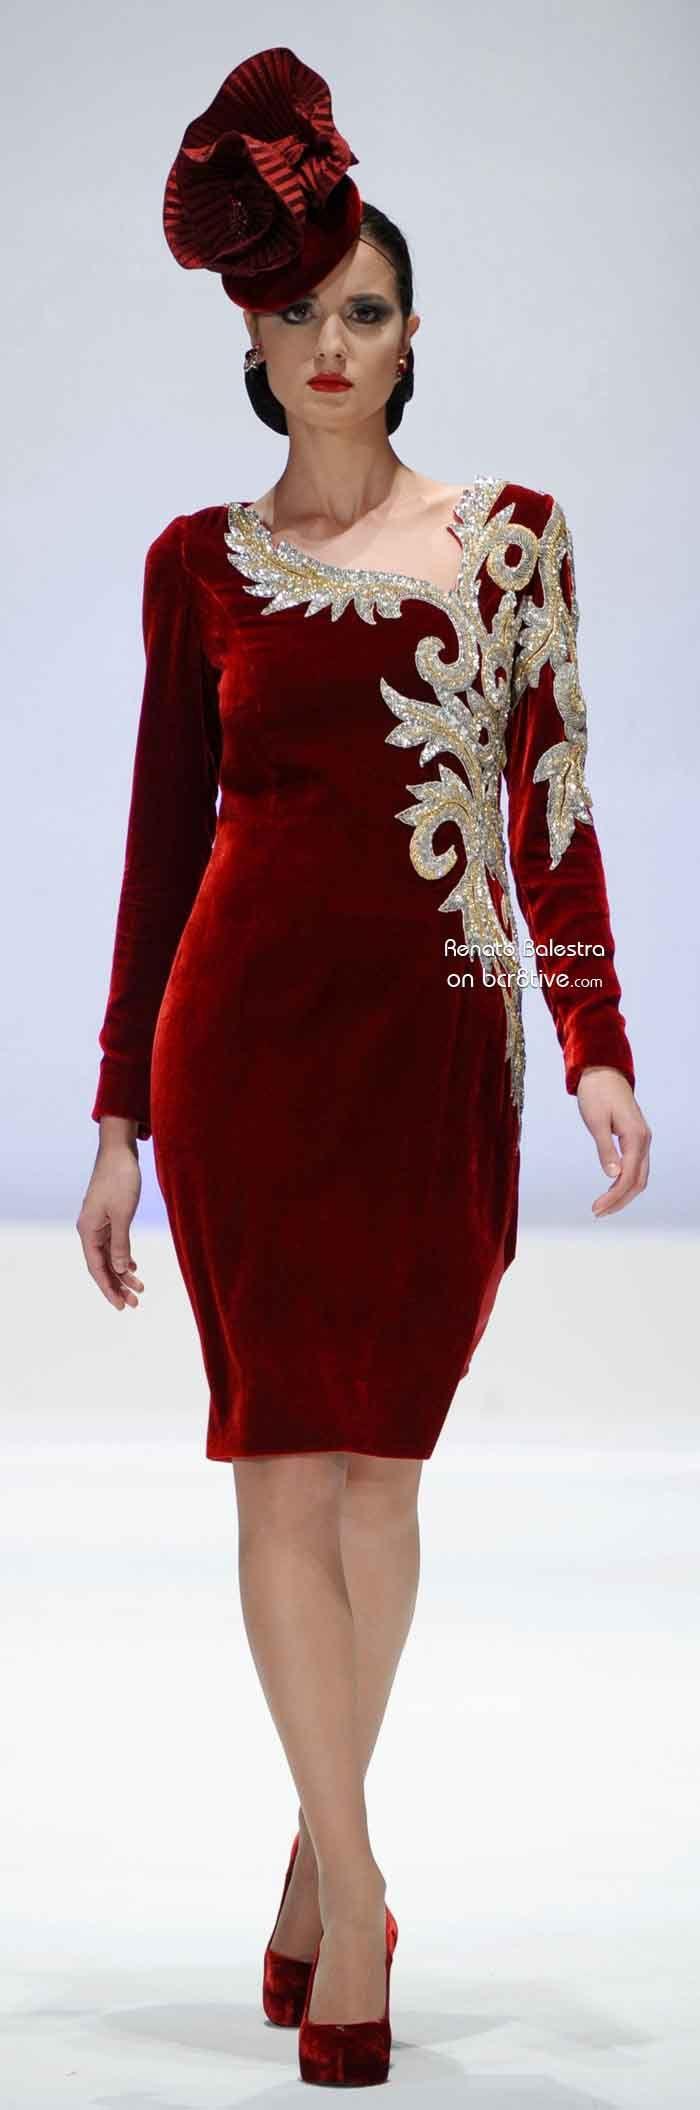 Renato Balestra Fall Winter 2012-13 Couture